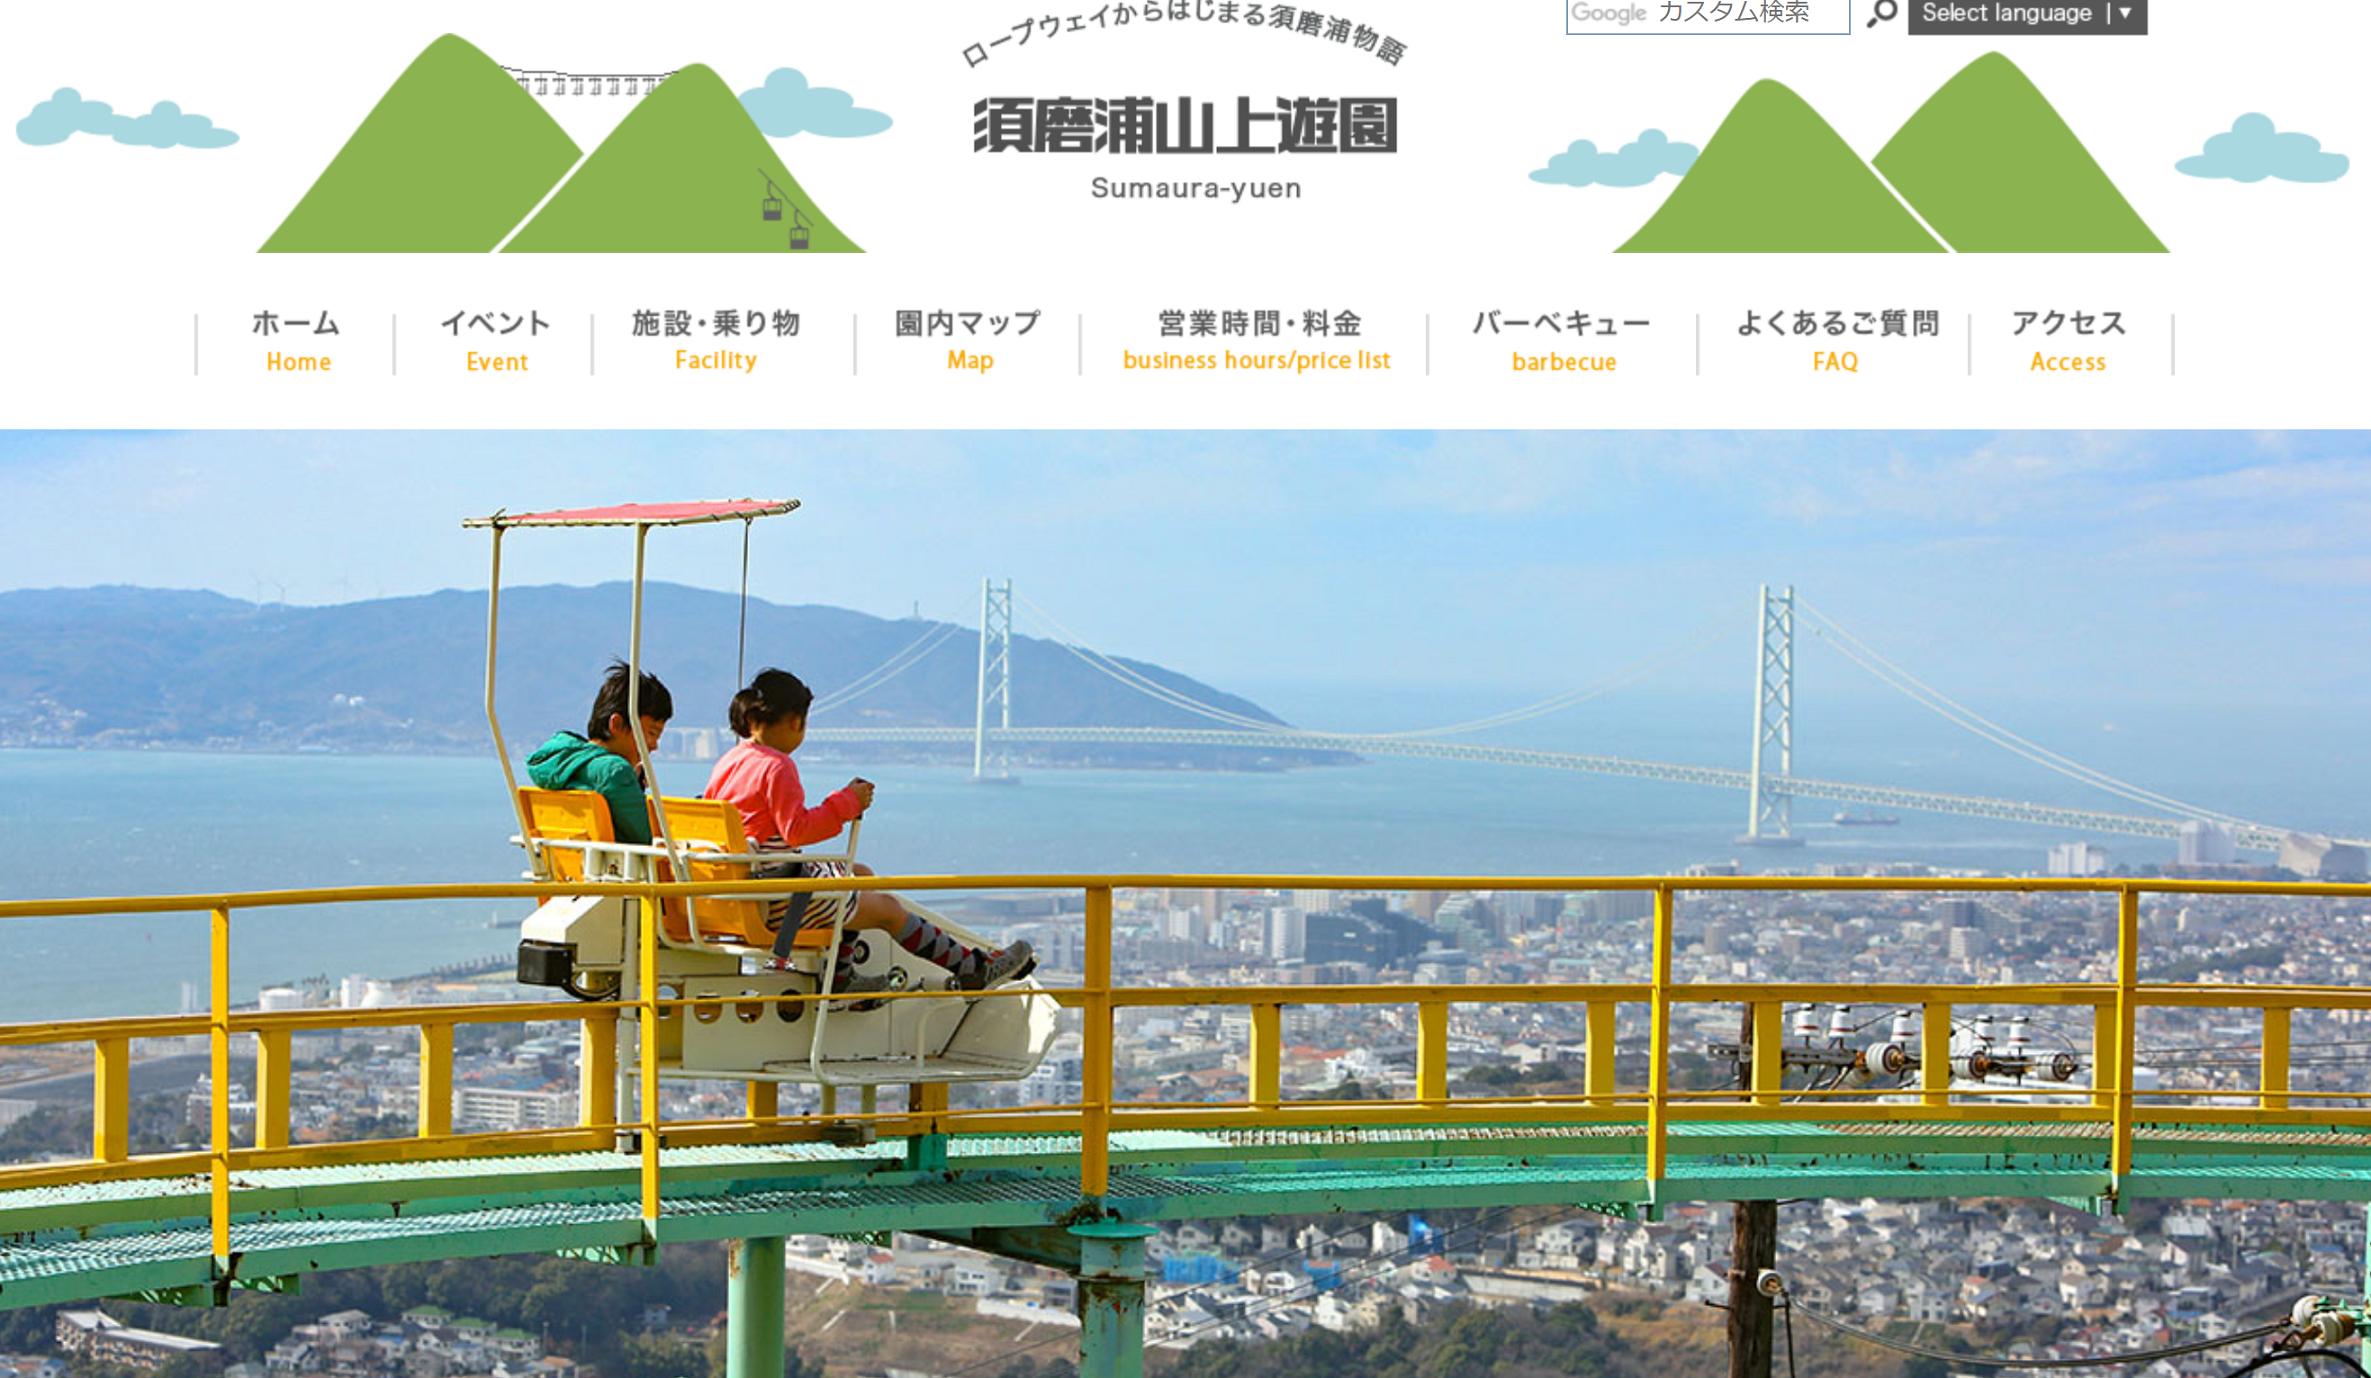 オールチタンコーティング 神戸市須磨区 須磨浦山上遊園 様